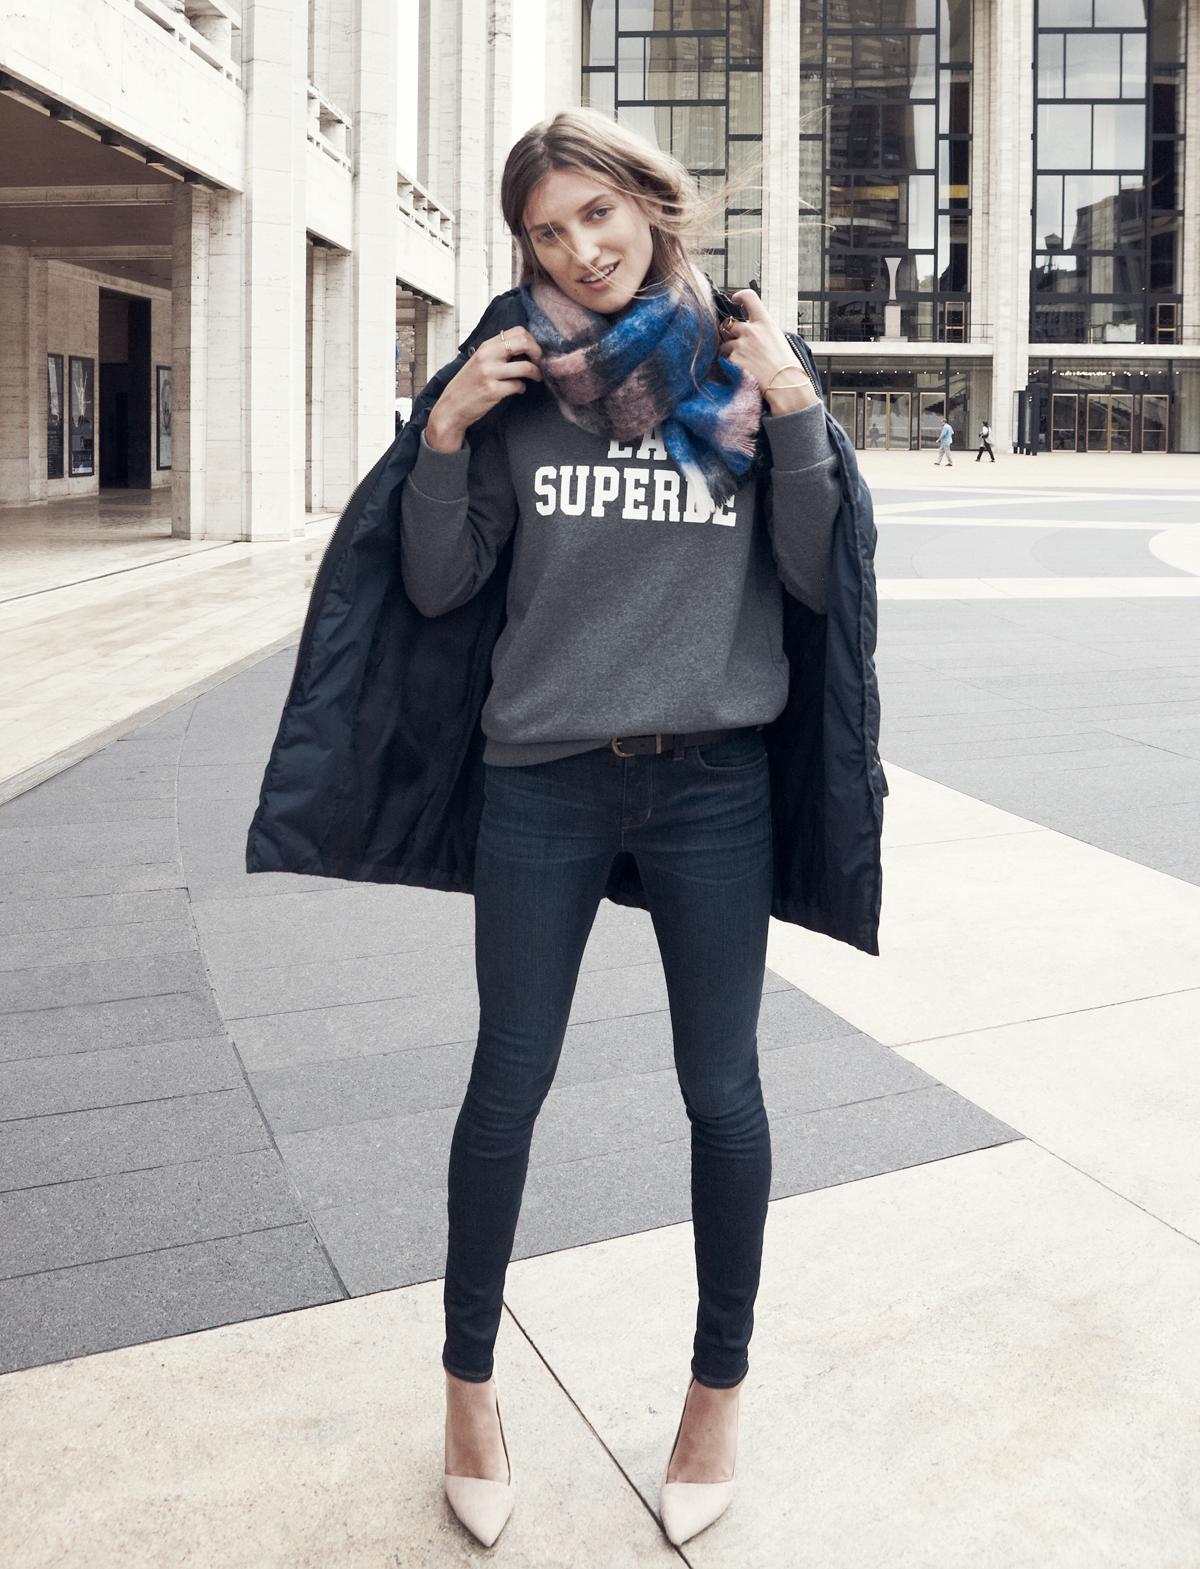 Madewell et Sézane: La Superbe sweatshirt #madewellxsezane...